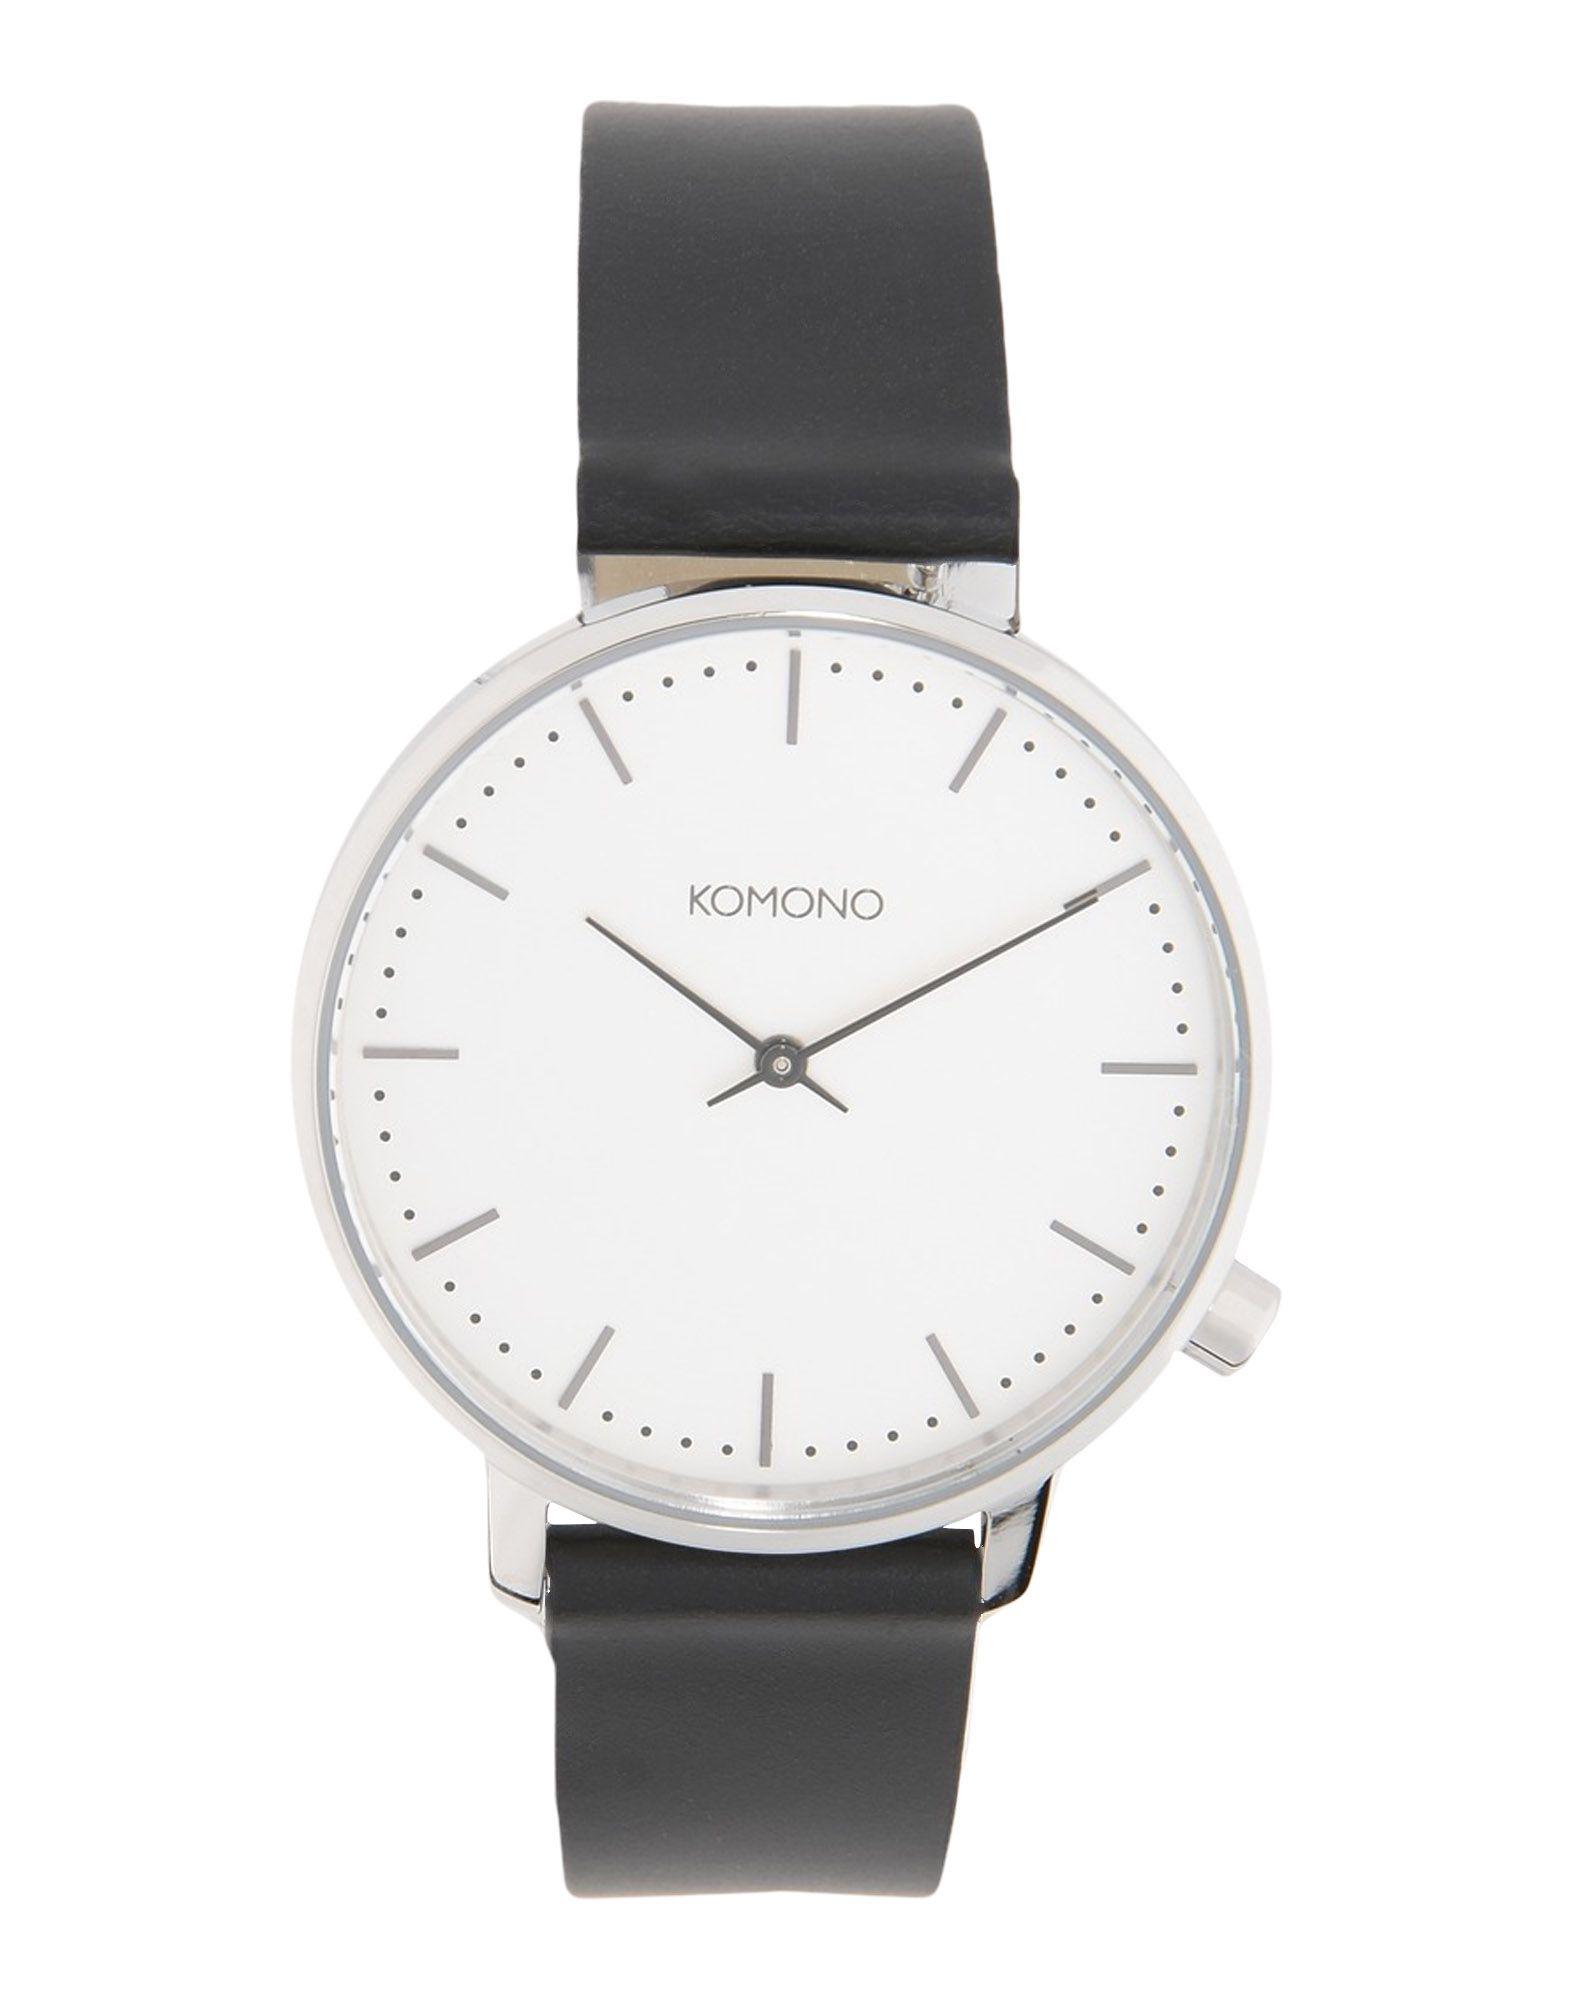 《送料無料》KOMONO Unisex 腕時計 シルバー ステンレススチール